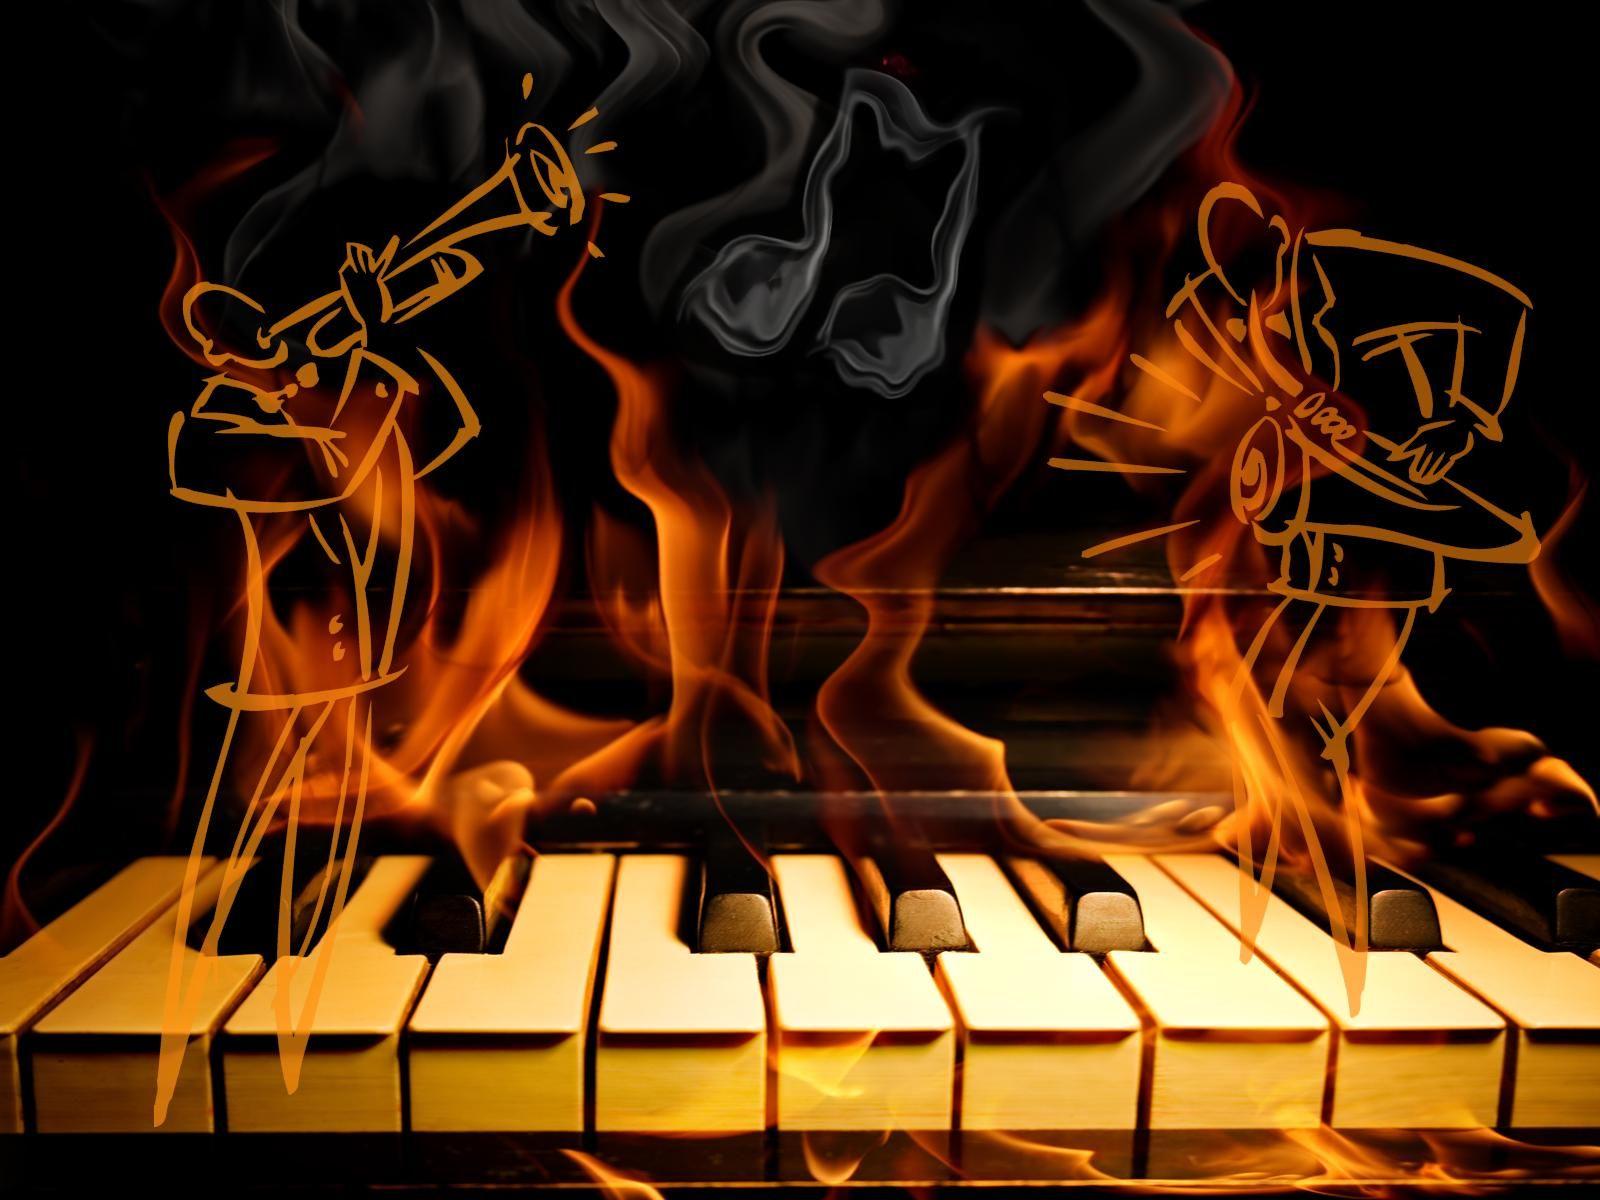 jazz music fire piano hd free wallpaper â ªâ just jazzy tunes